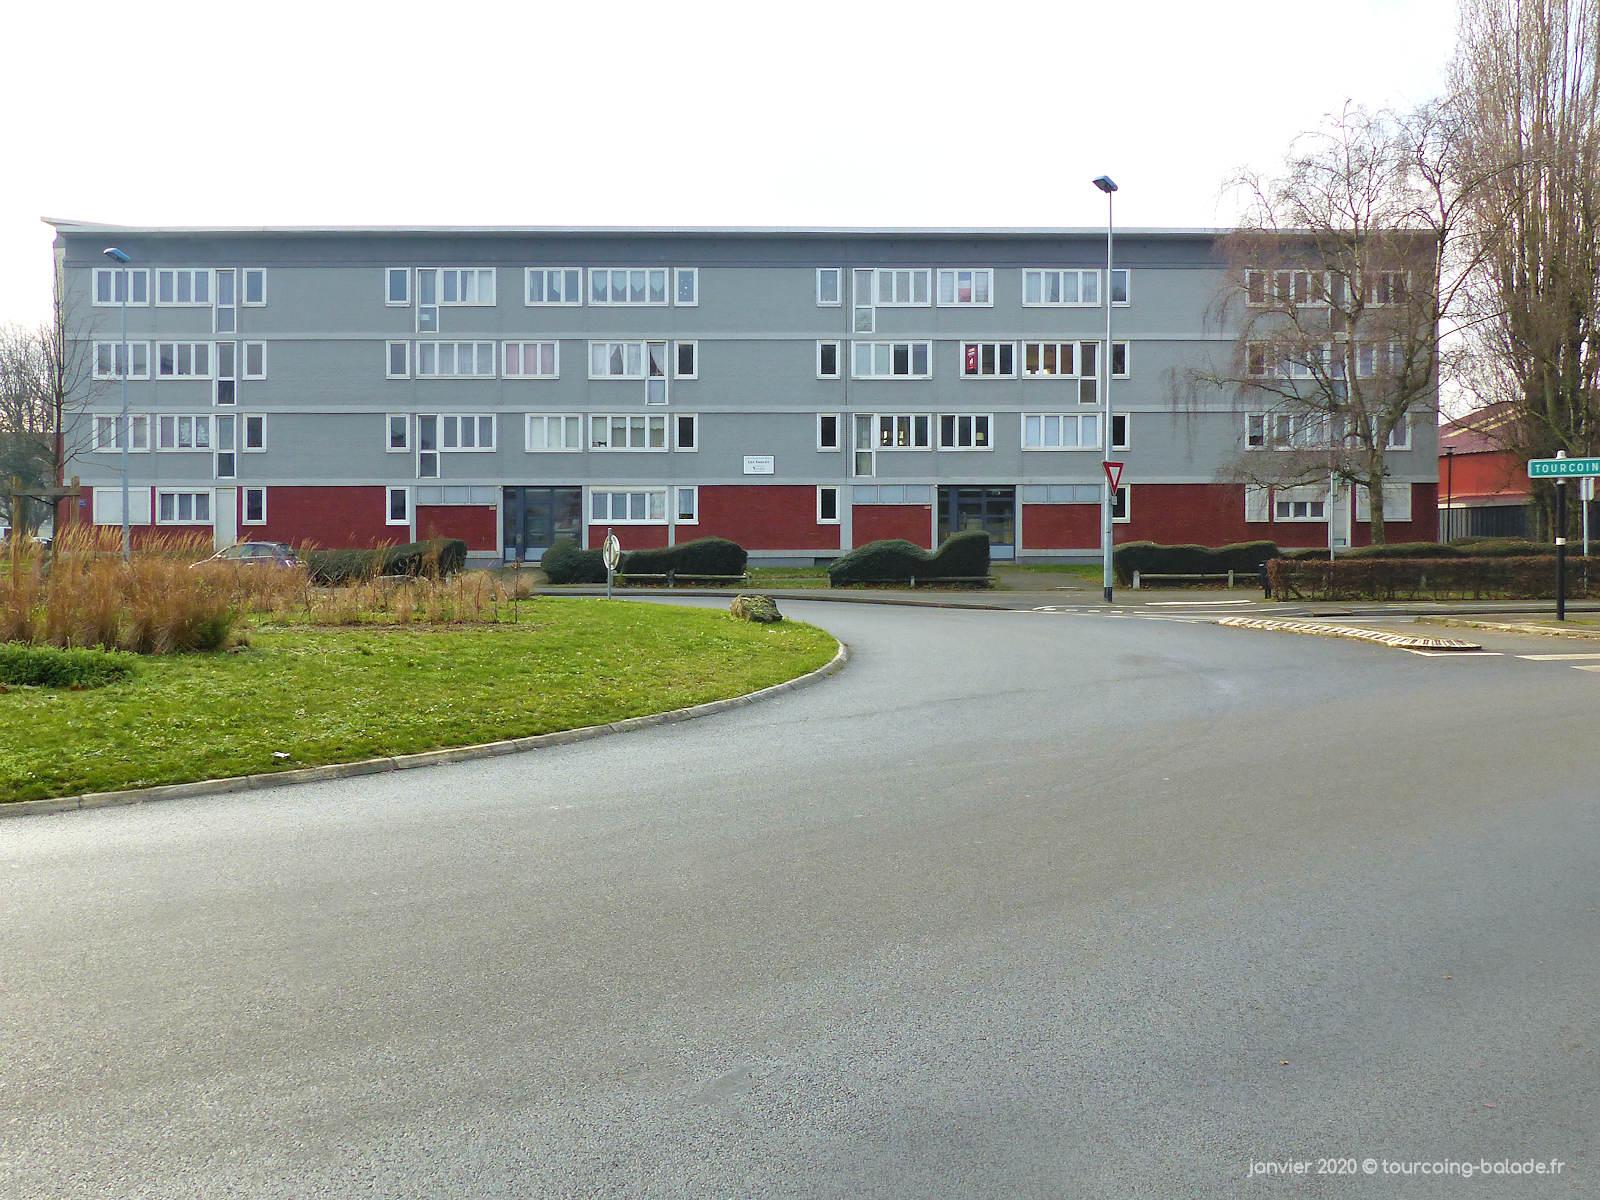 Résidence HLM Les saules, Tourcoing Épidème.